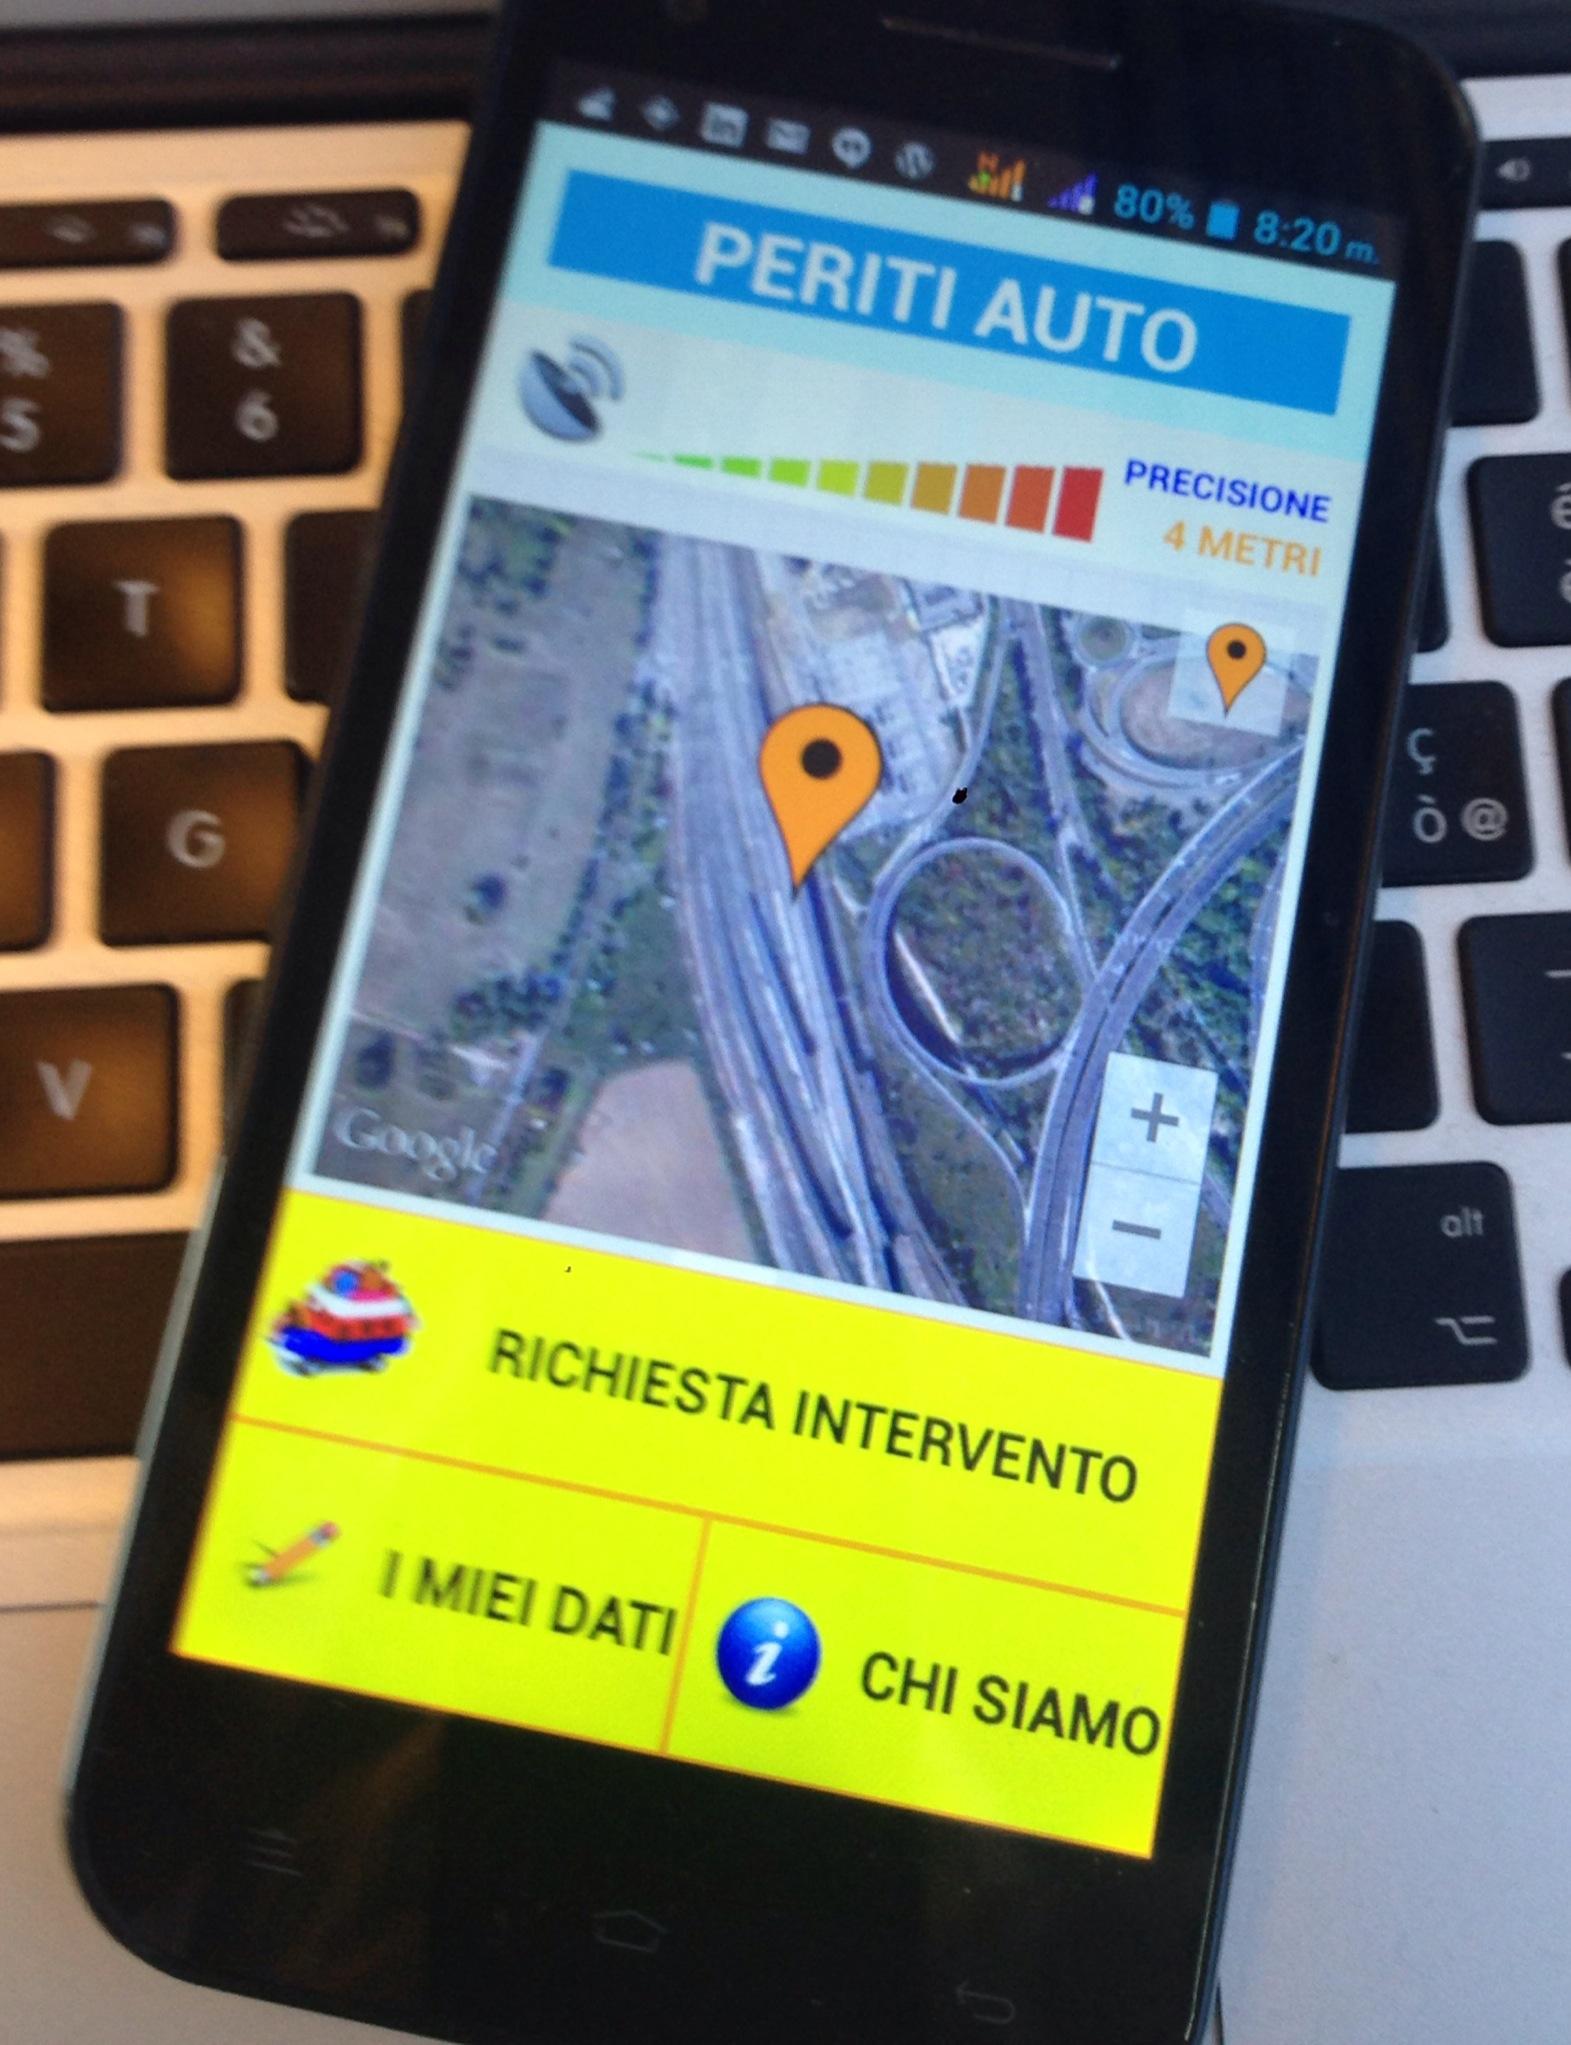 app periti auto